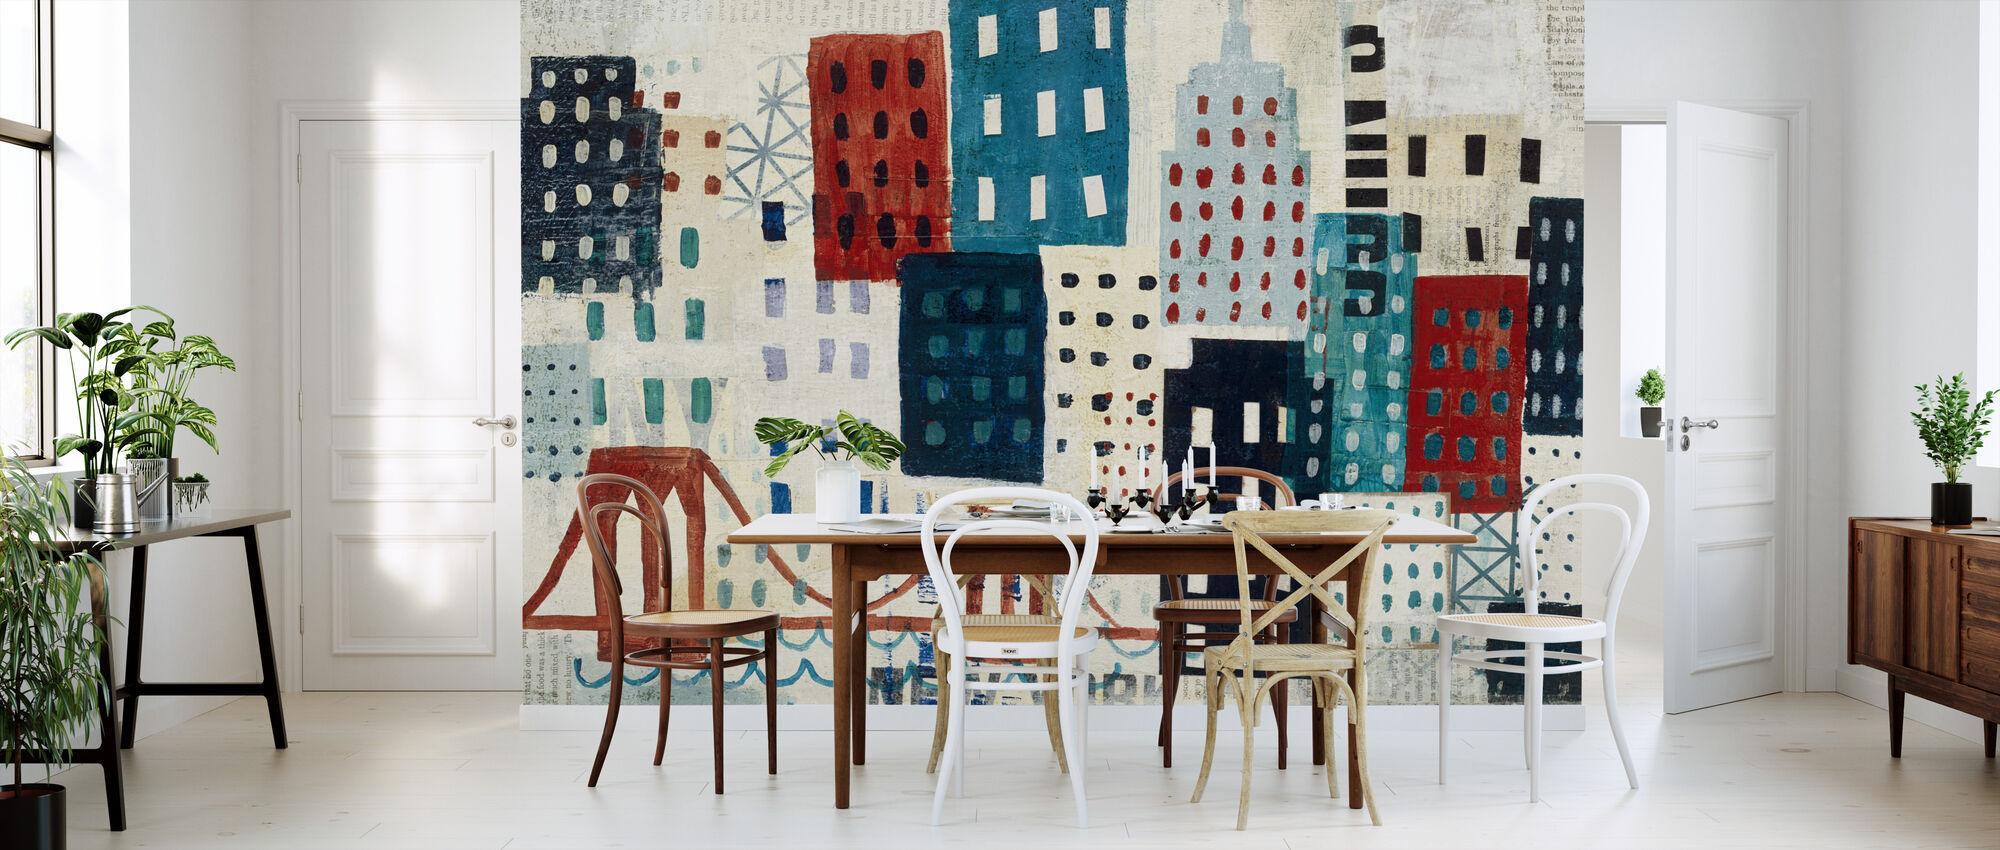 New York Skyline Collage - Blue I - Wallpaper - Kitchen